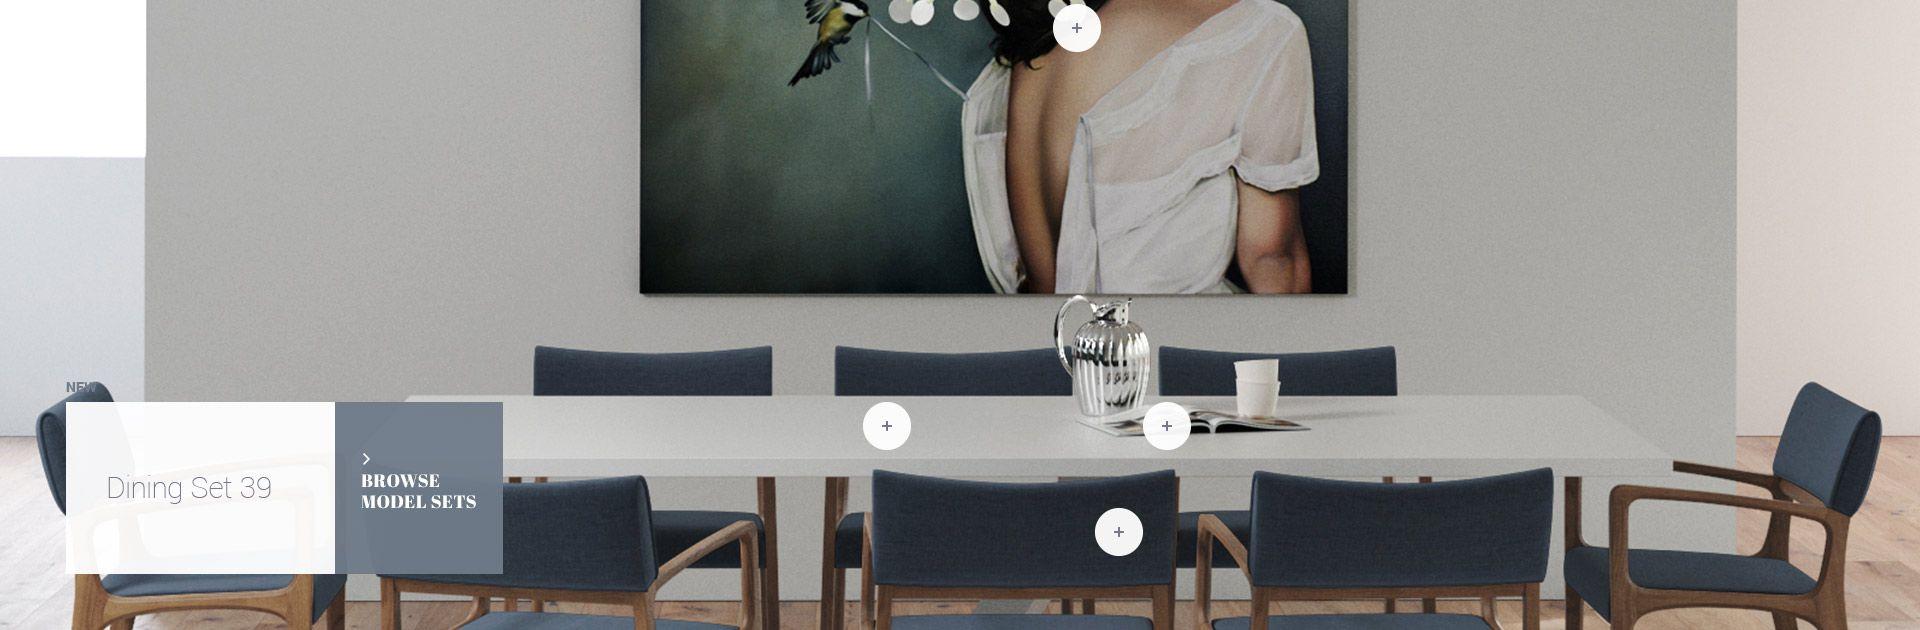 Design Connected: 3d models of furniture for interior design